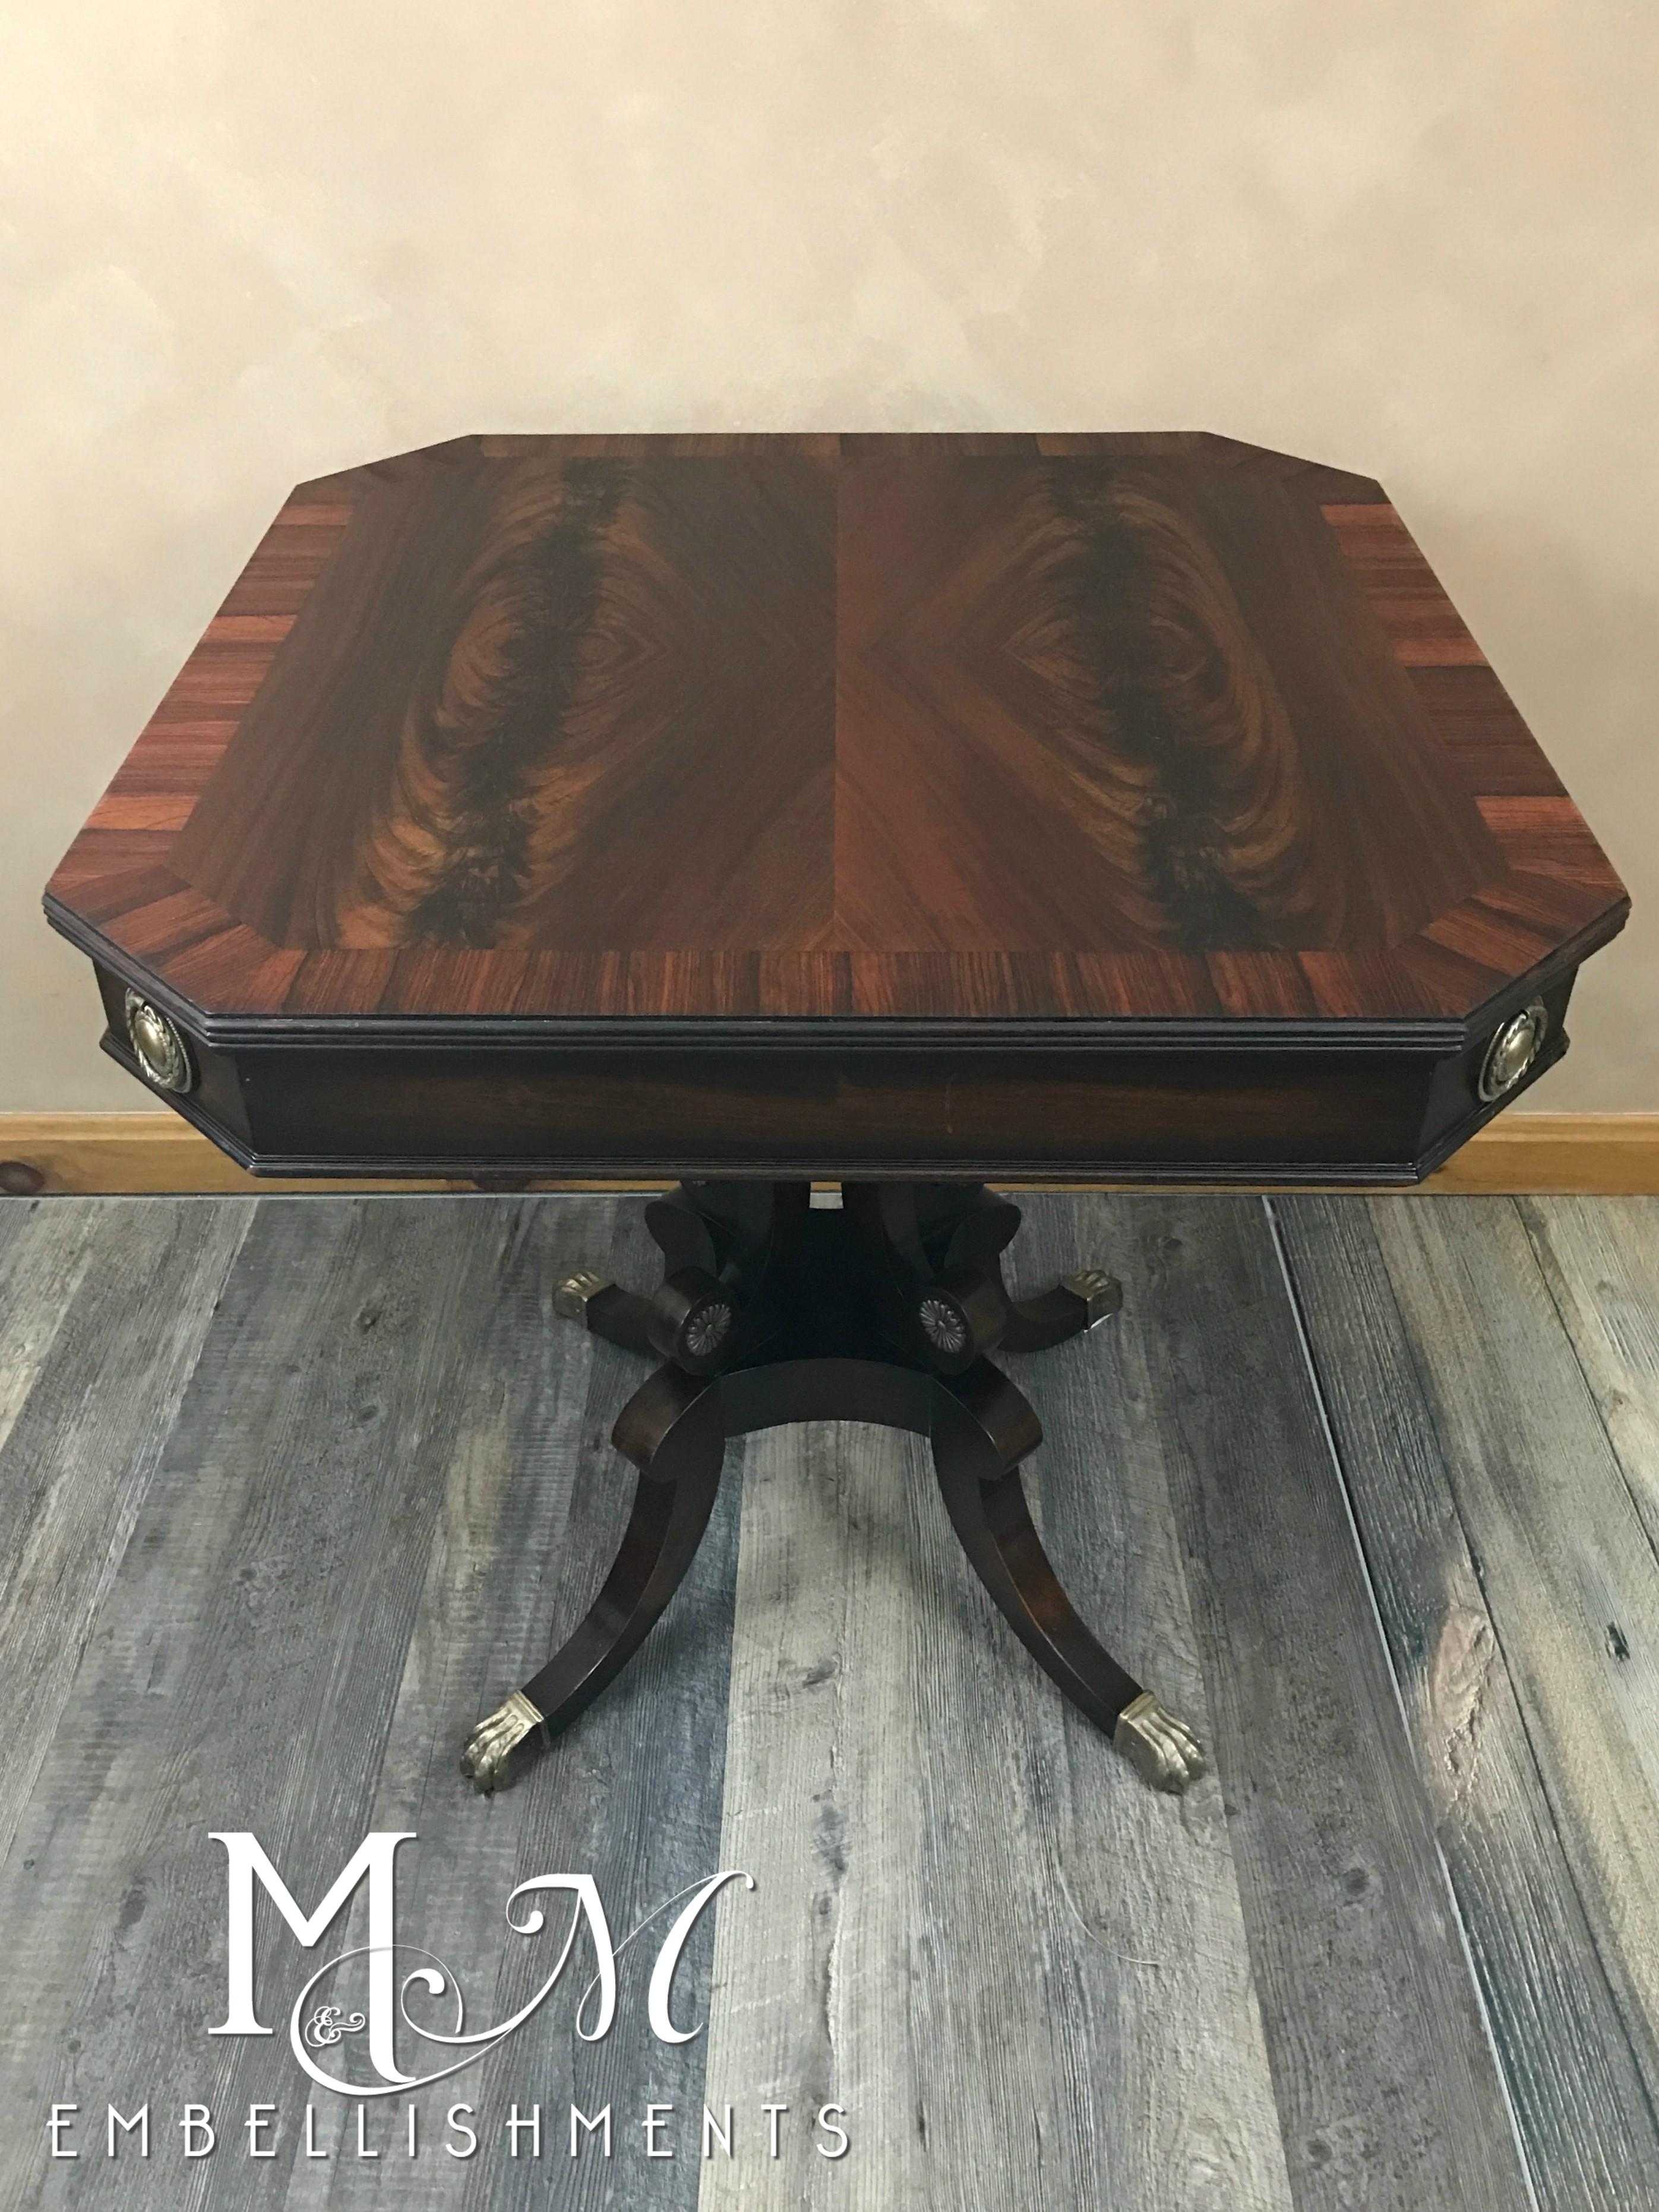 DUncan Phyfe Table